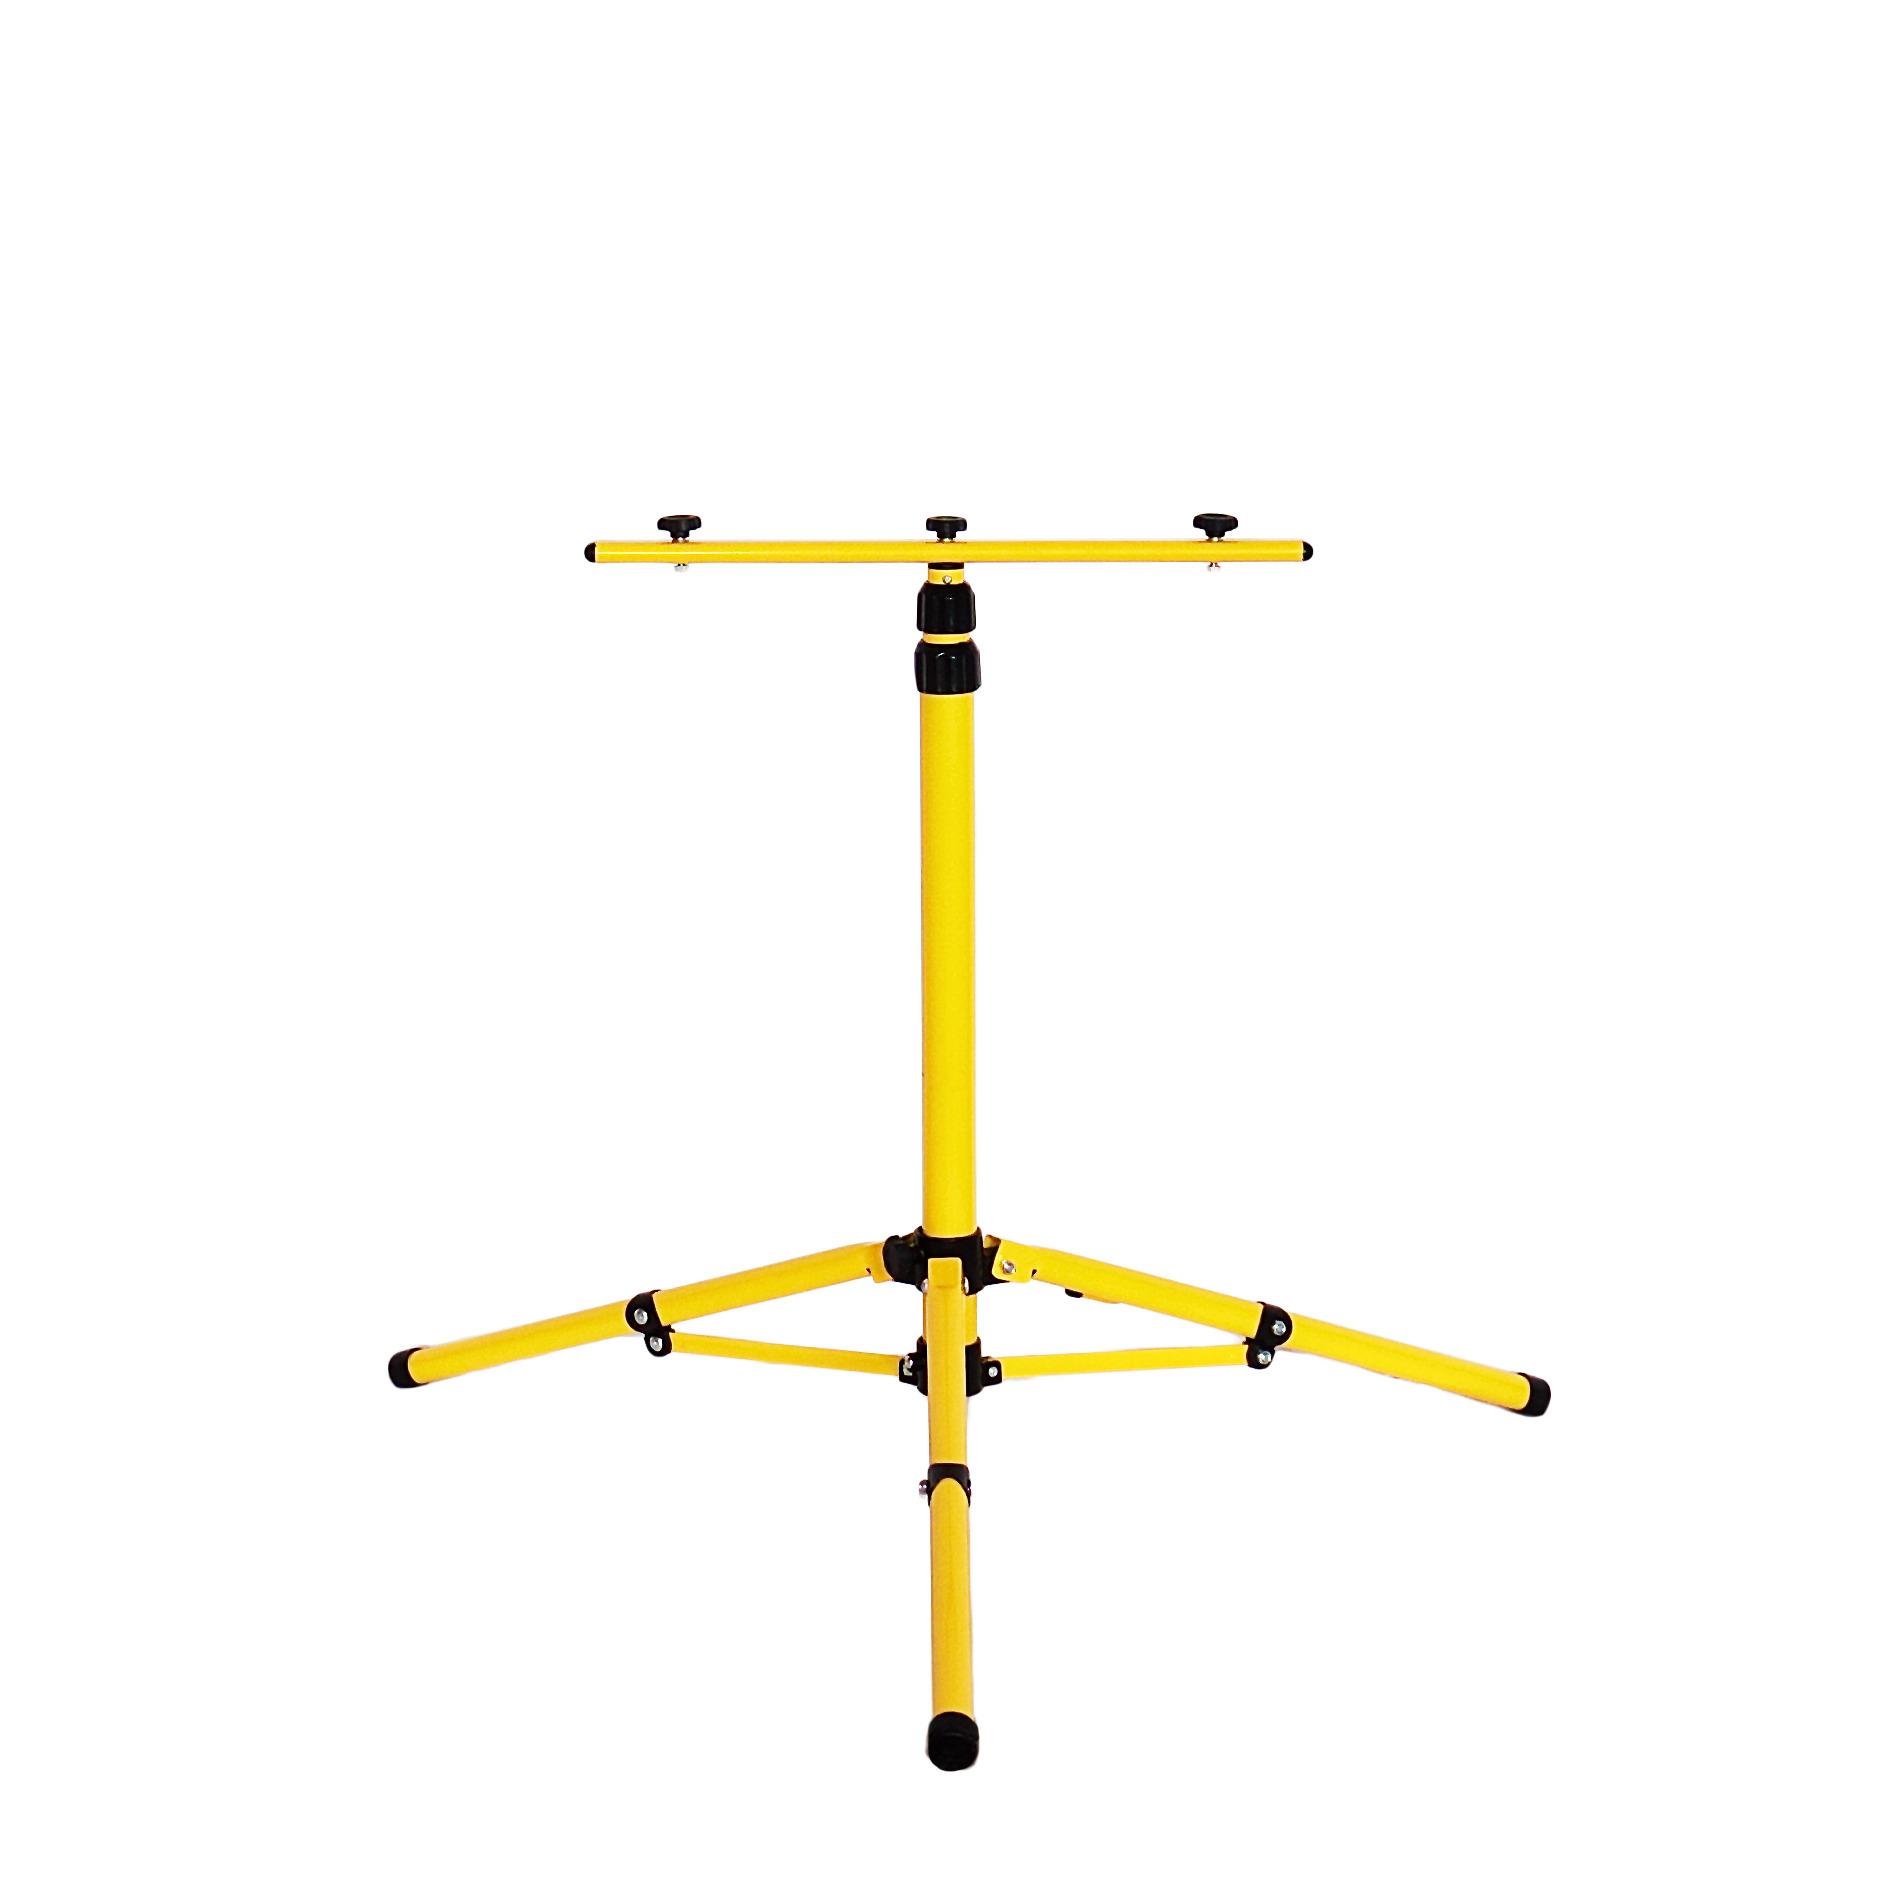 Монтажное крепление Glanzen STD-0001-160, стойка для прожекторов, желтый